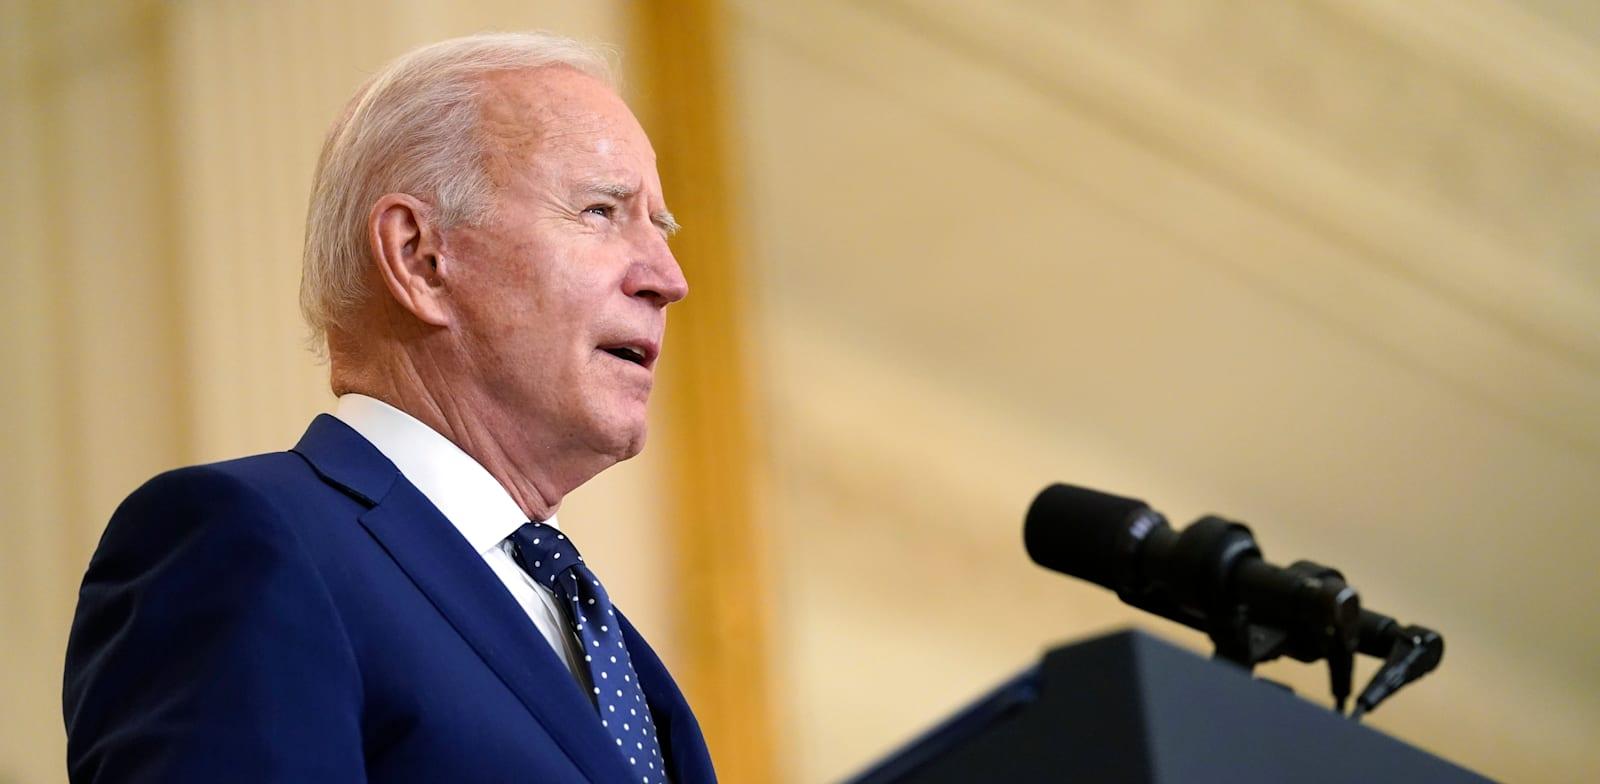 """נשיא ארה""""ב, ג'ו ביידן. מכין את יריית הפתיחה בדיפלומטיית האקלים שלו / צילום: Associated Press, Andrew Harnik"""